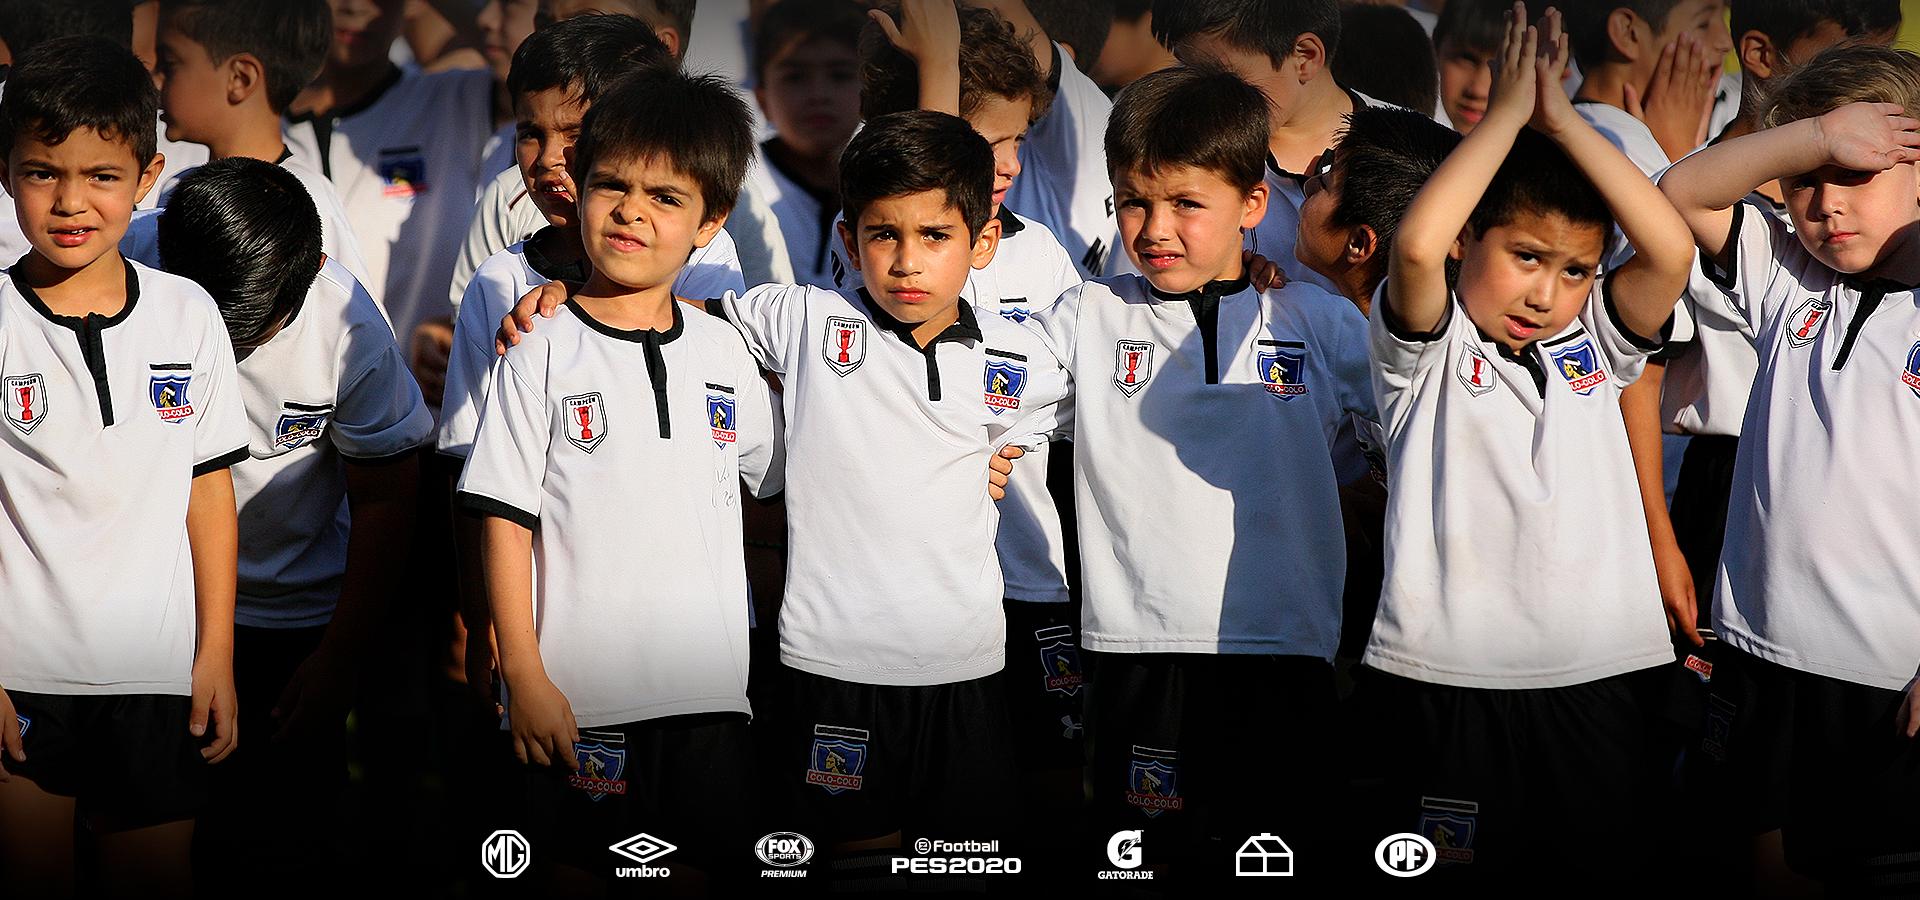 El Mago Farfani deslumbró con sus trucos al Fútbol Formativo